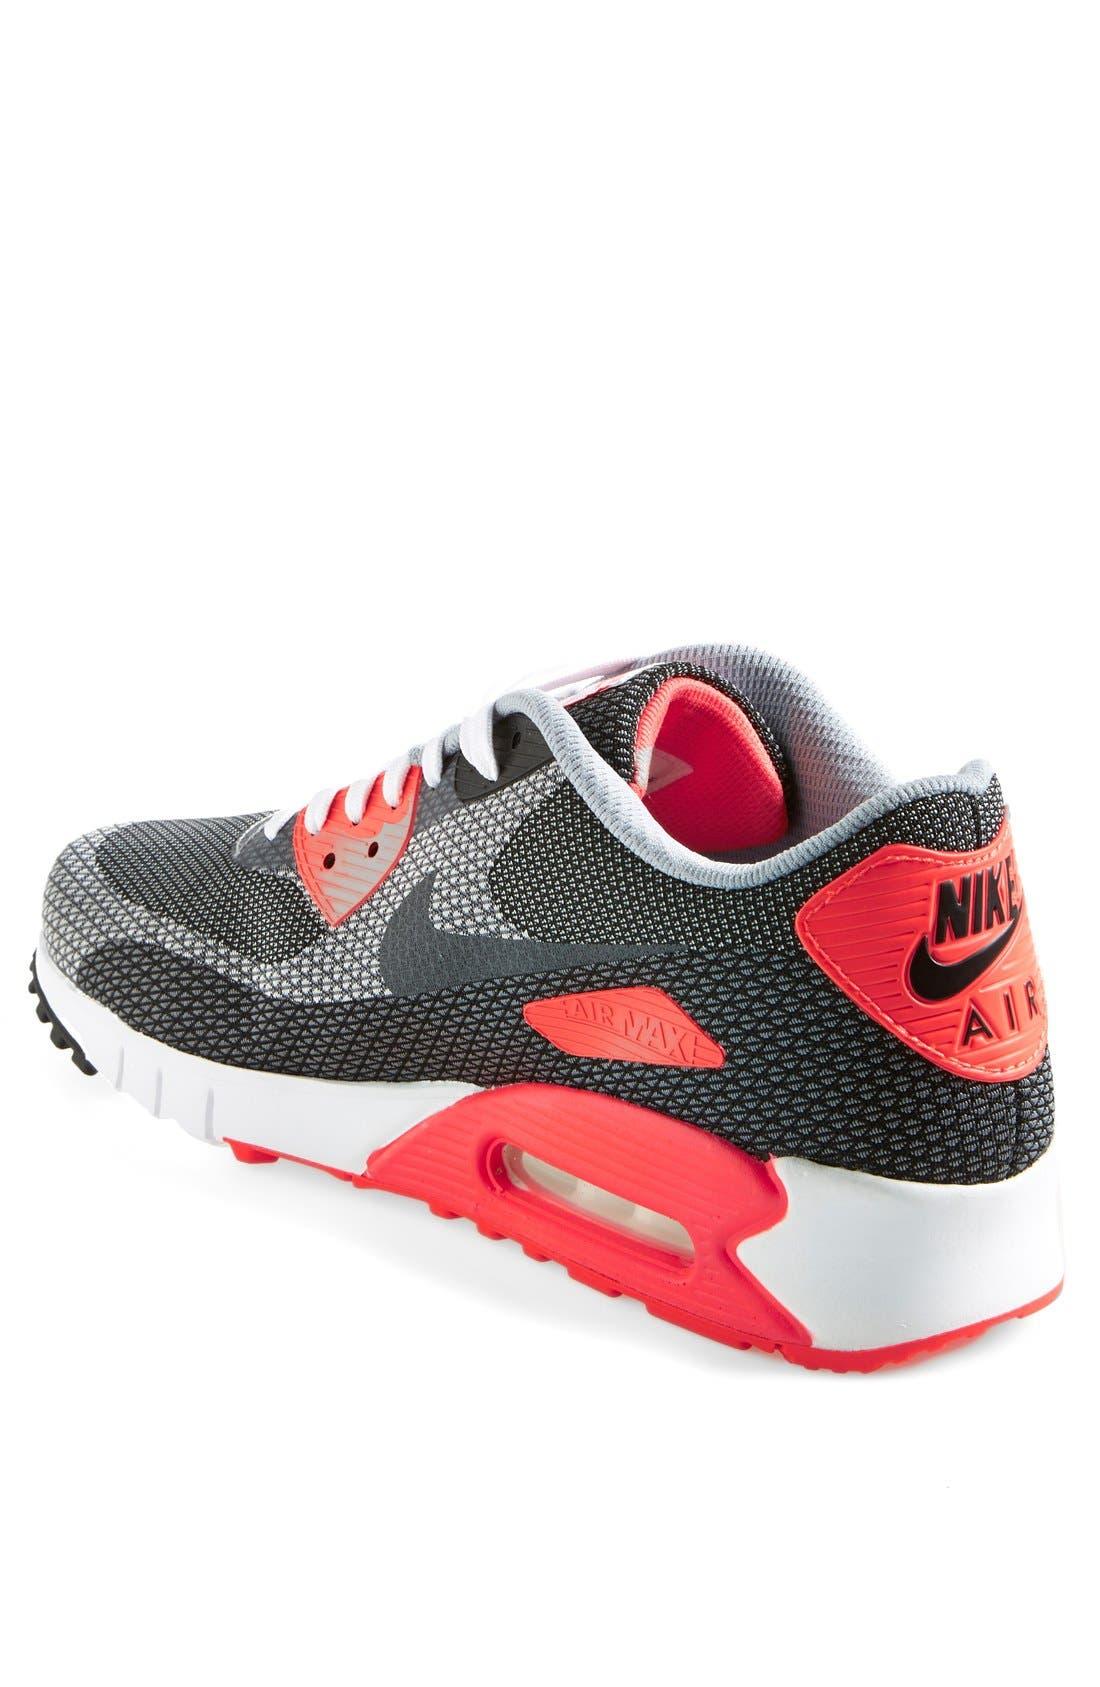 Alternate Image 2  - Nike 'Air Max 90 Jacquard' (QS) Sneaker (Men)